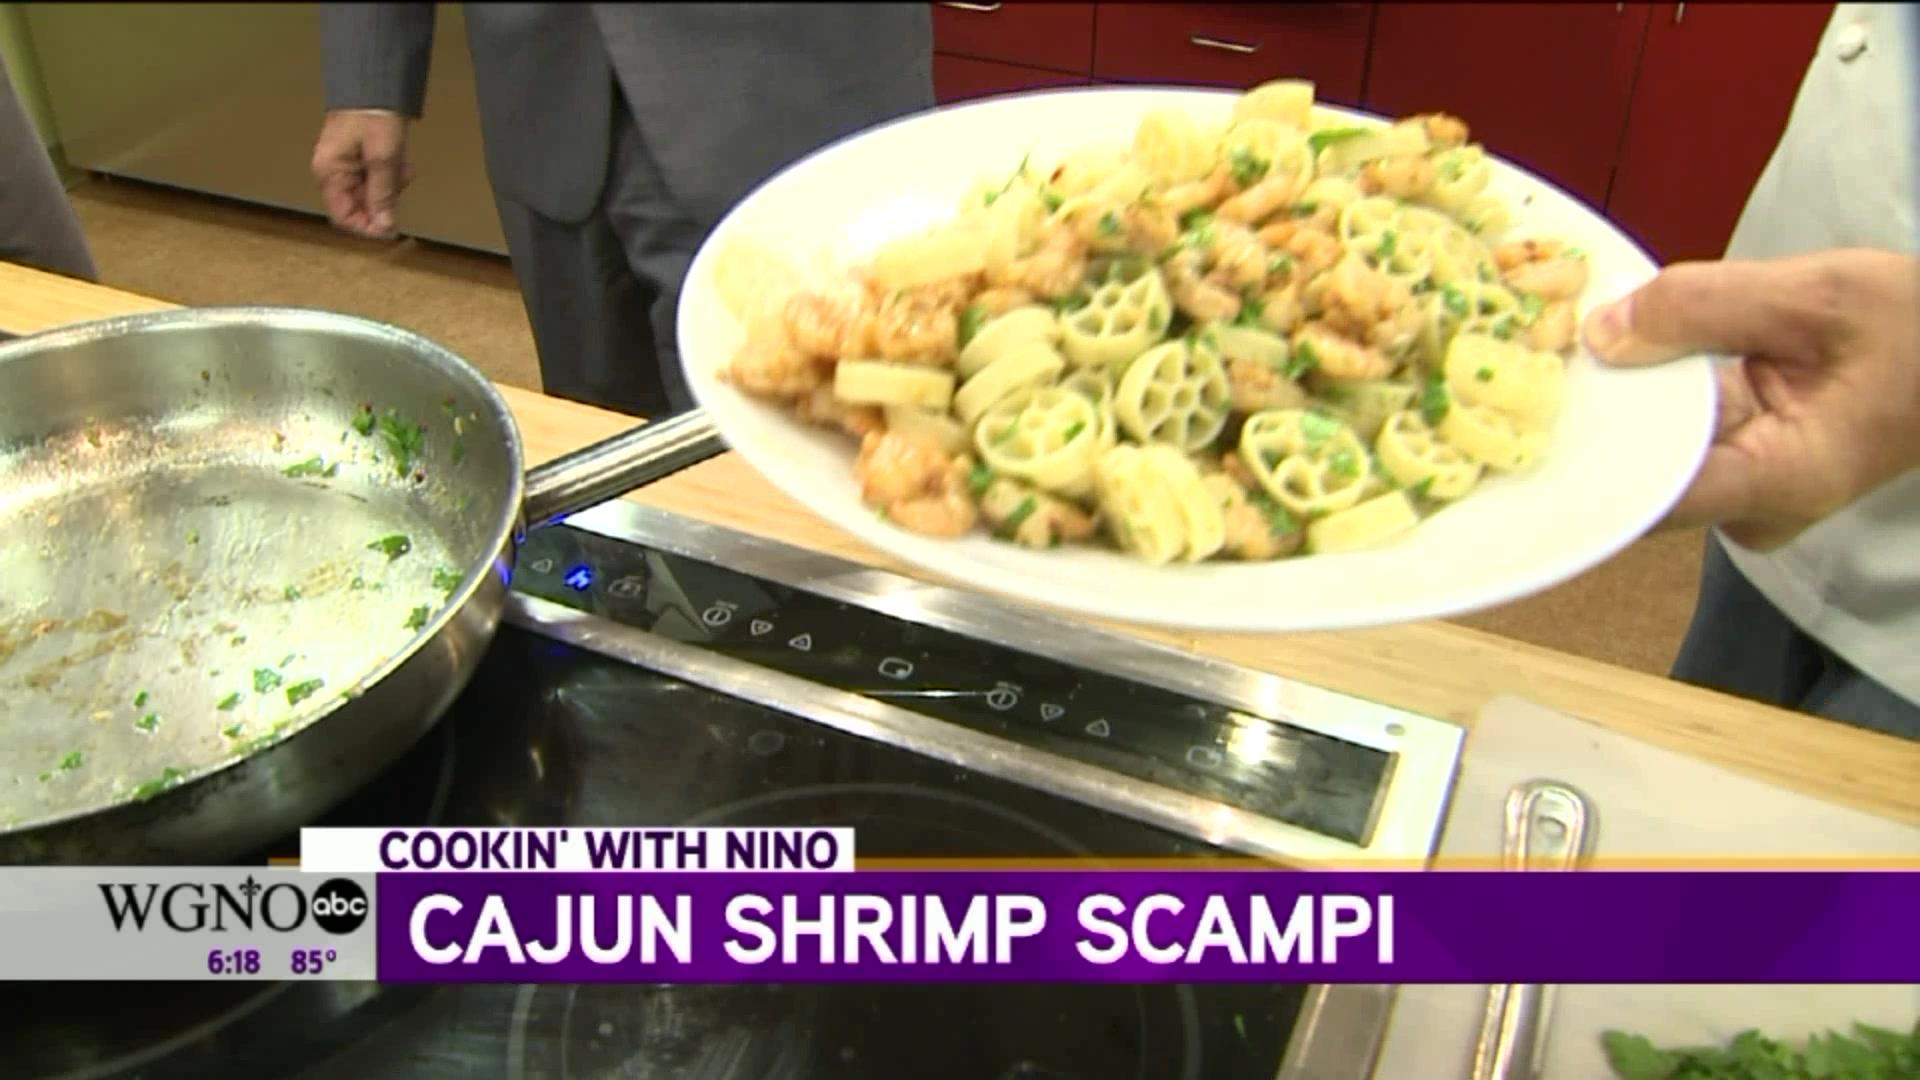 How to Make Cajun Shrimp Scampi